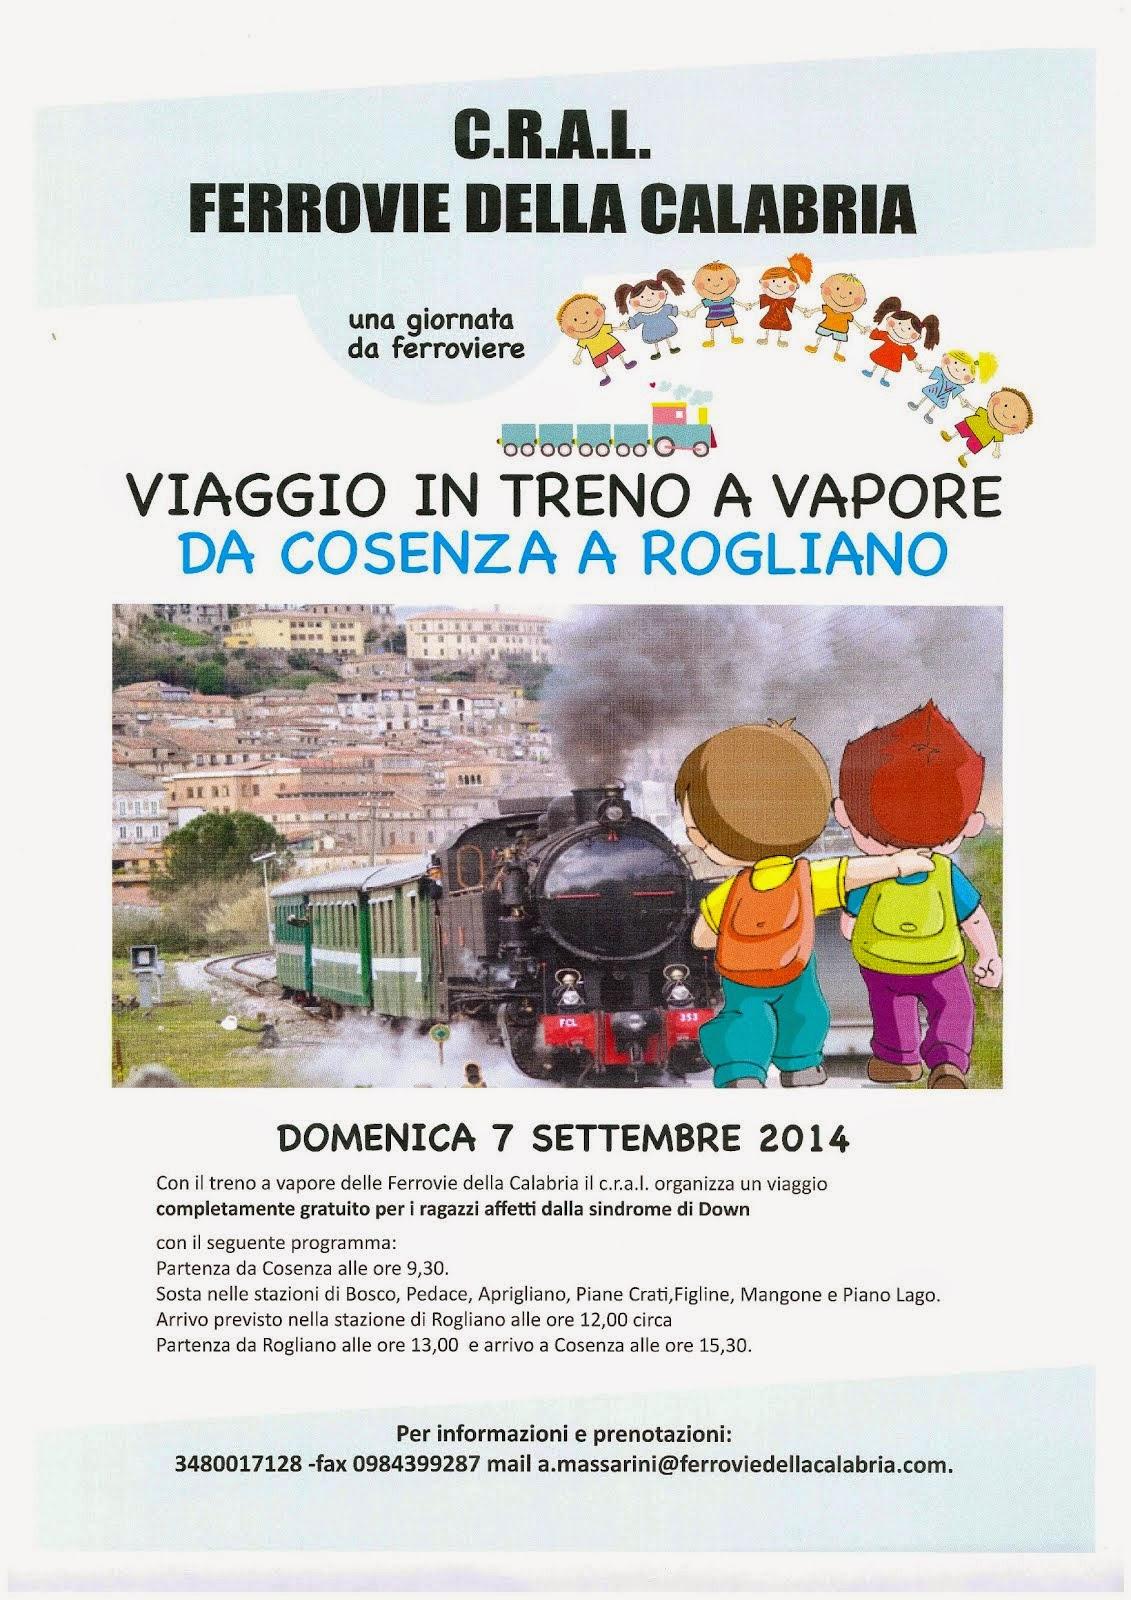 Viaggio in treno a vapore Cosenza - Rogliano